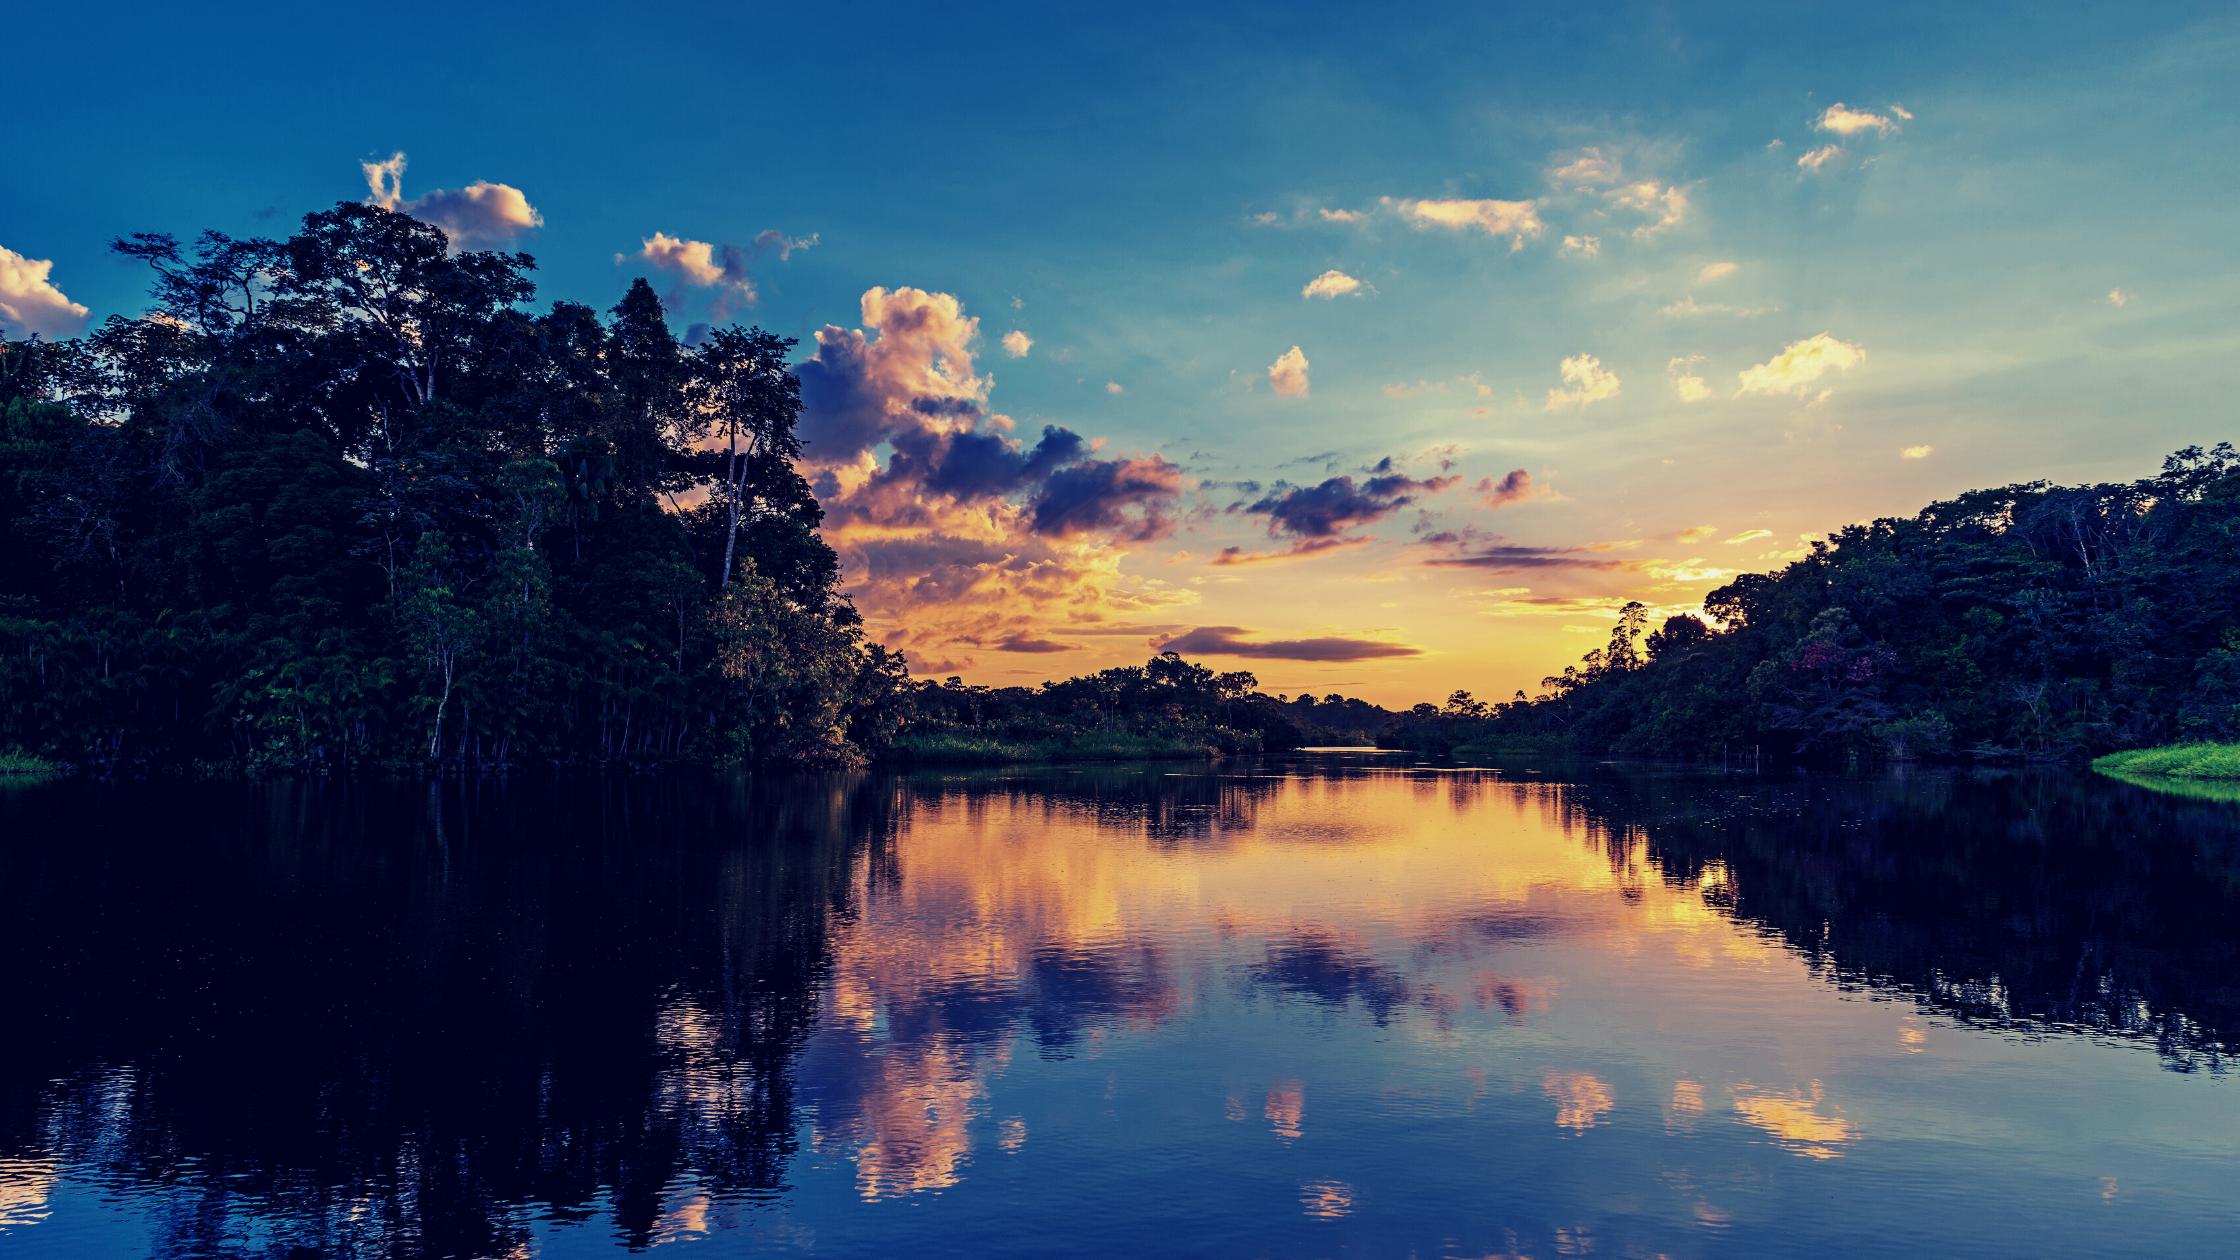 Imagem da Amazônia, com rio ao centro, vegetação de floresta ao redor.